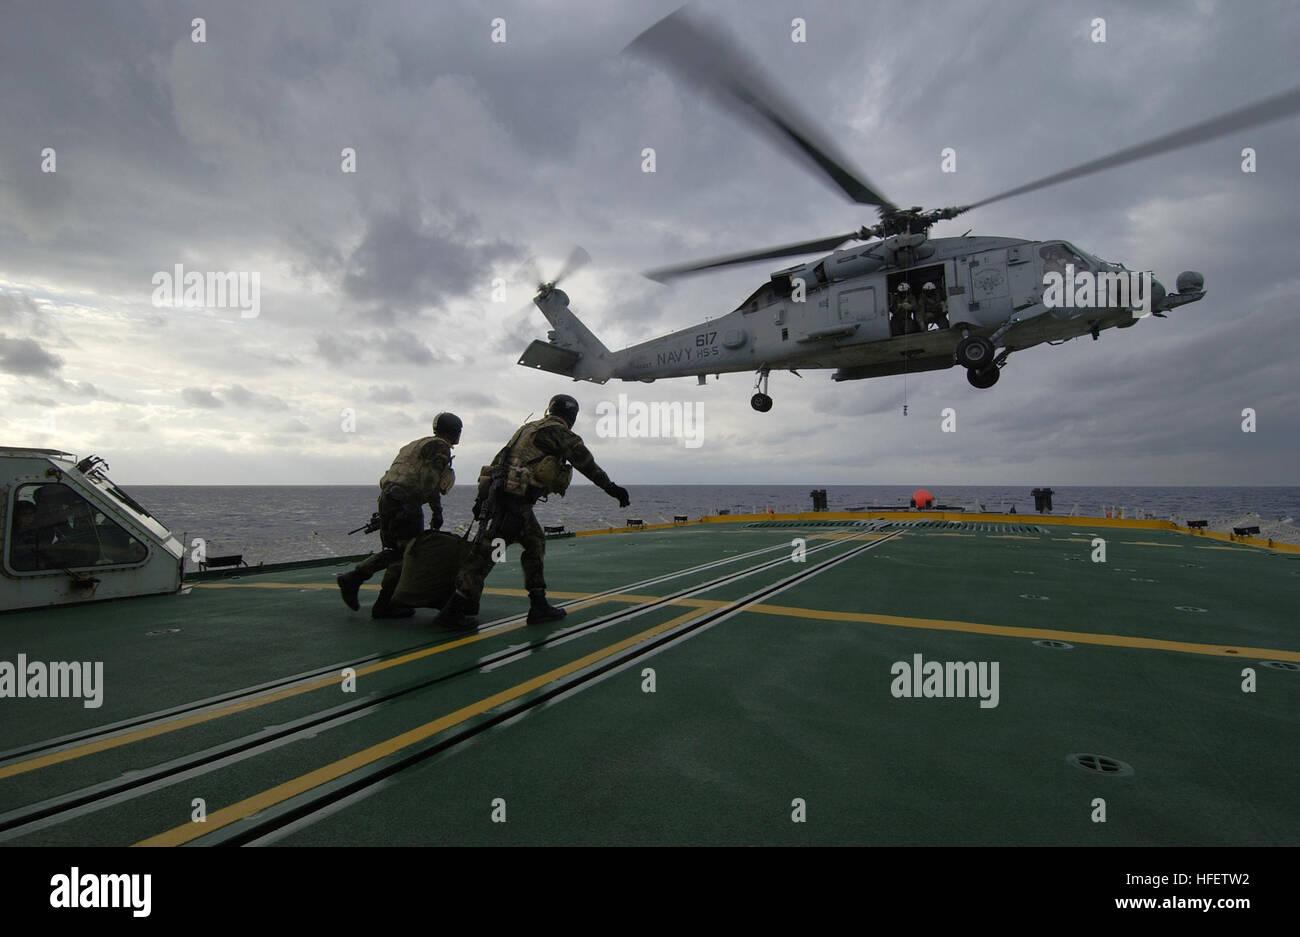 Elicottero 007 : 040212 n 5319a 007 mare mediterraneo feb. 12 2004 Ð membri